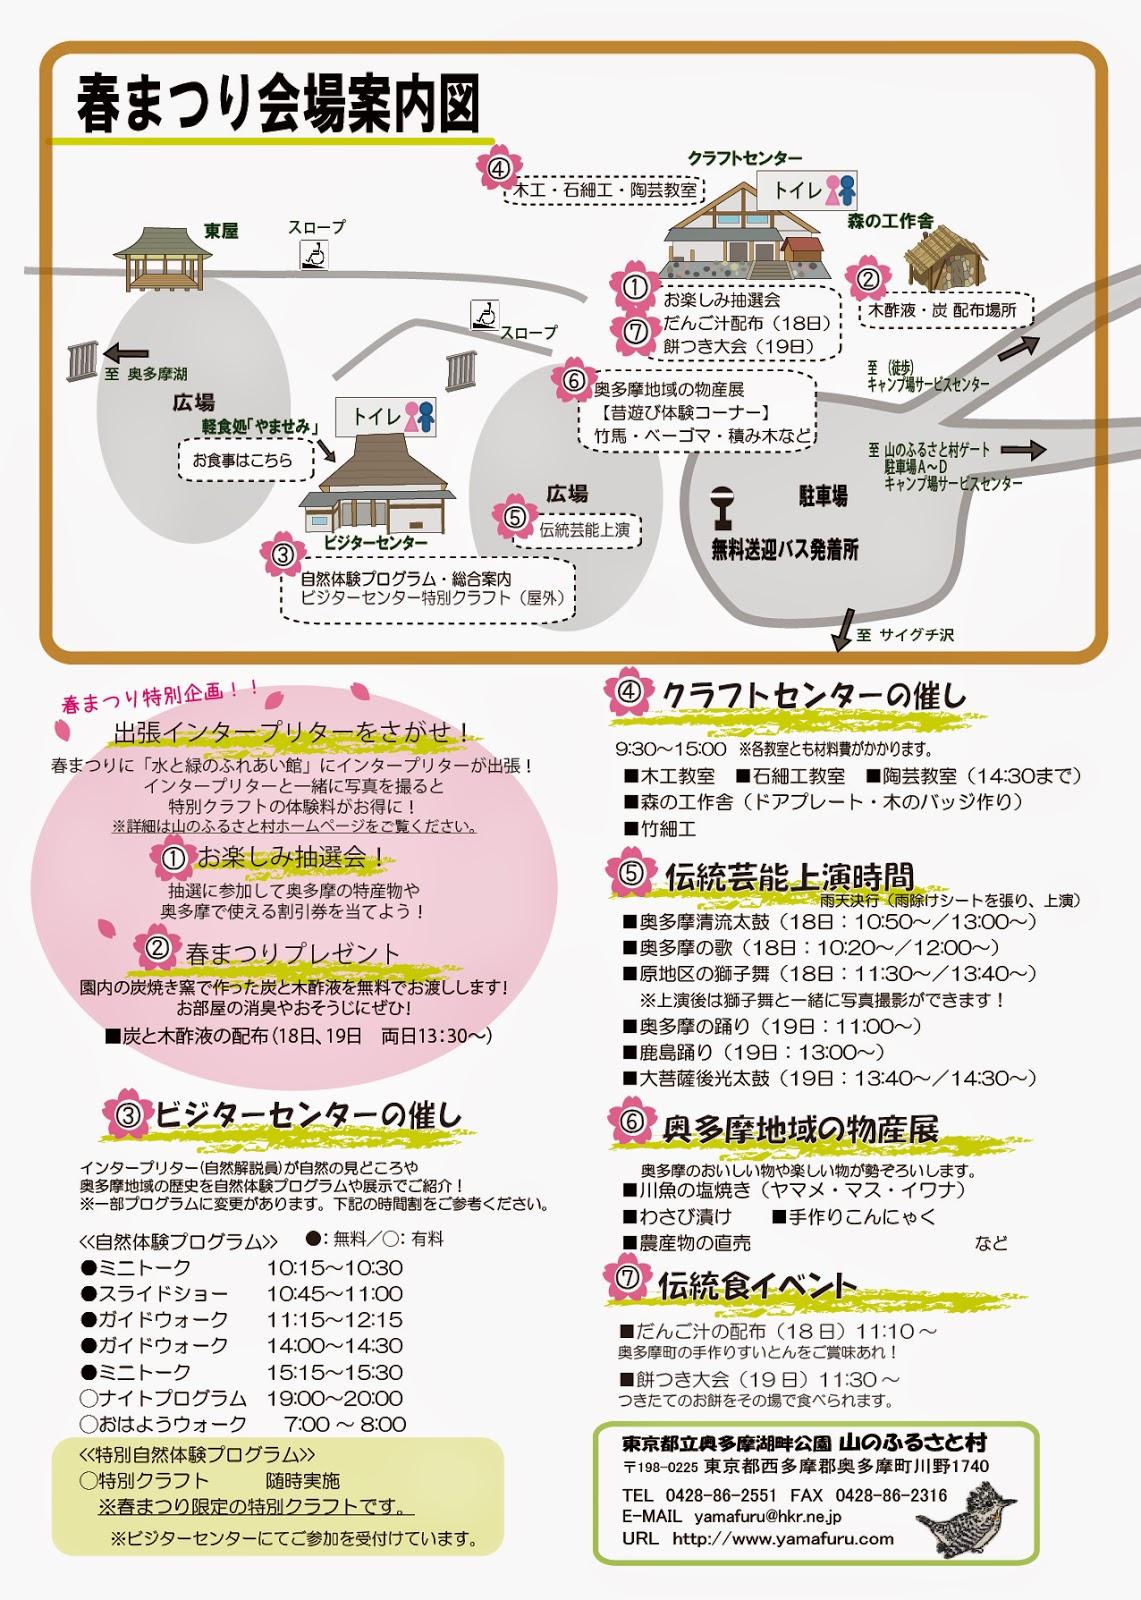 http://www.yamafuru.com/chirashi/2015harumatsuriura.pdf